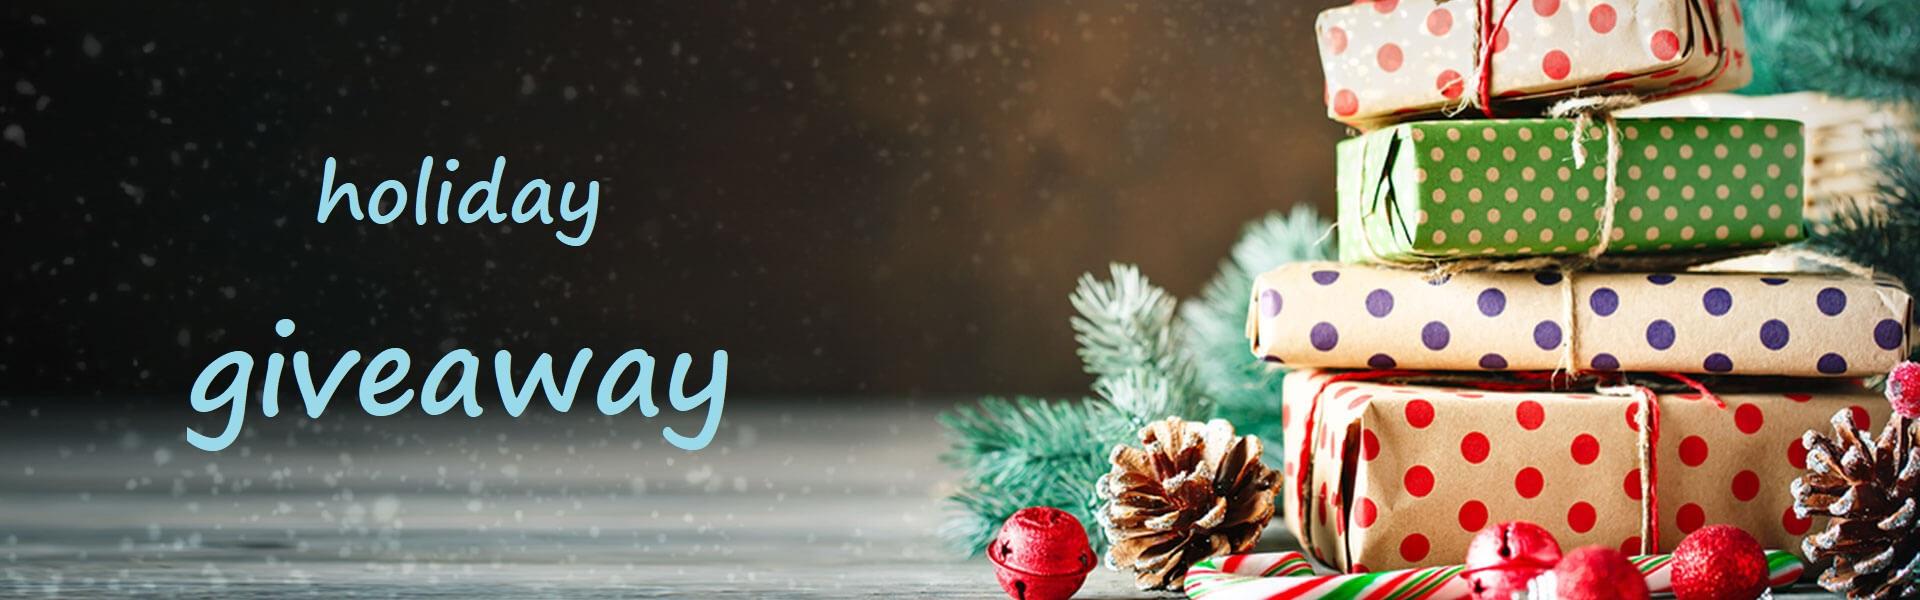 xmas_holiday_giveaway